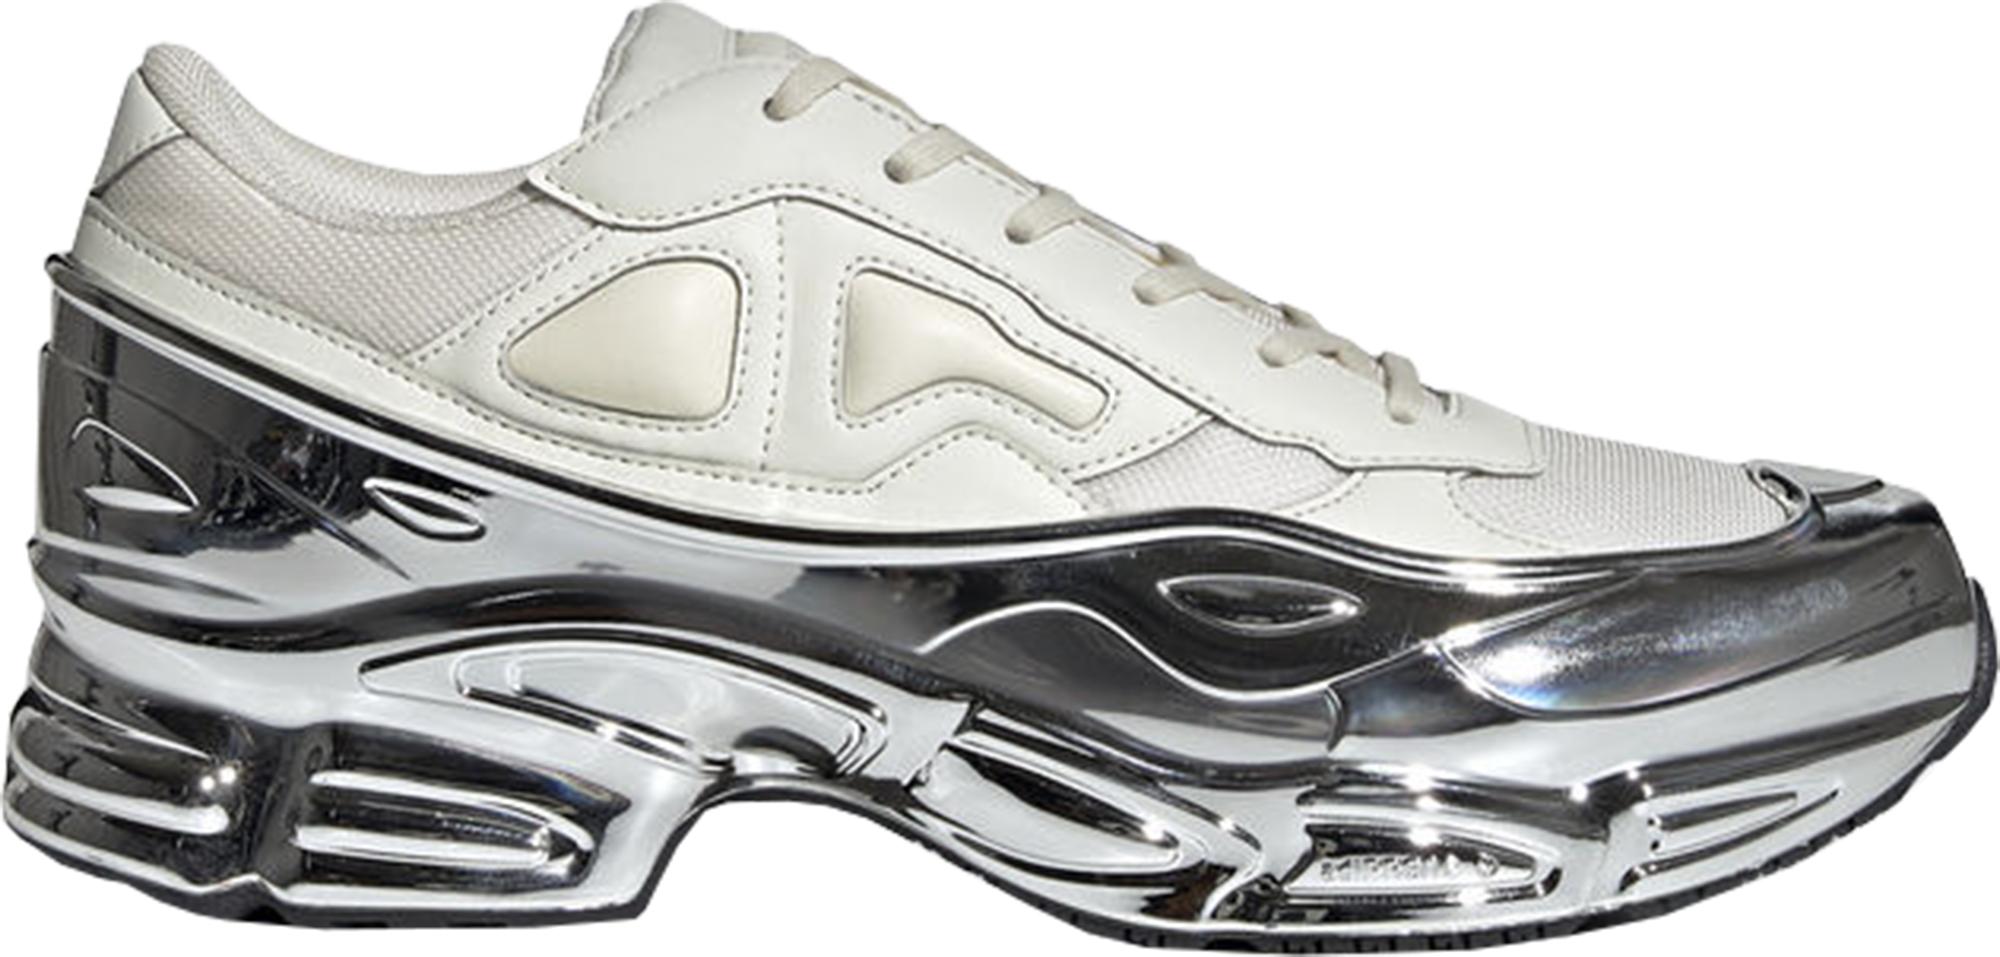 adidas Ozweego Raf Simons Cream White Silver Metallic